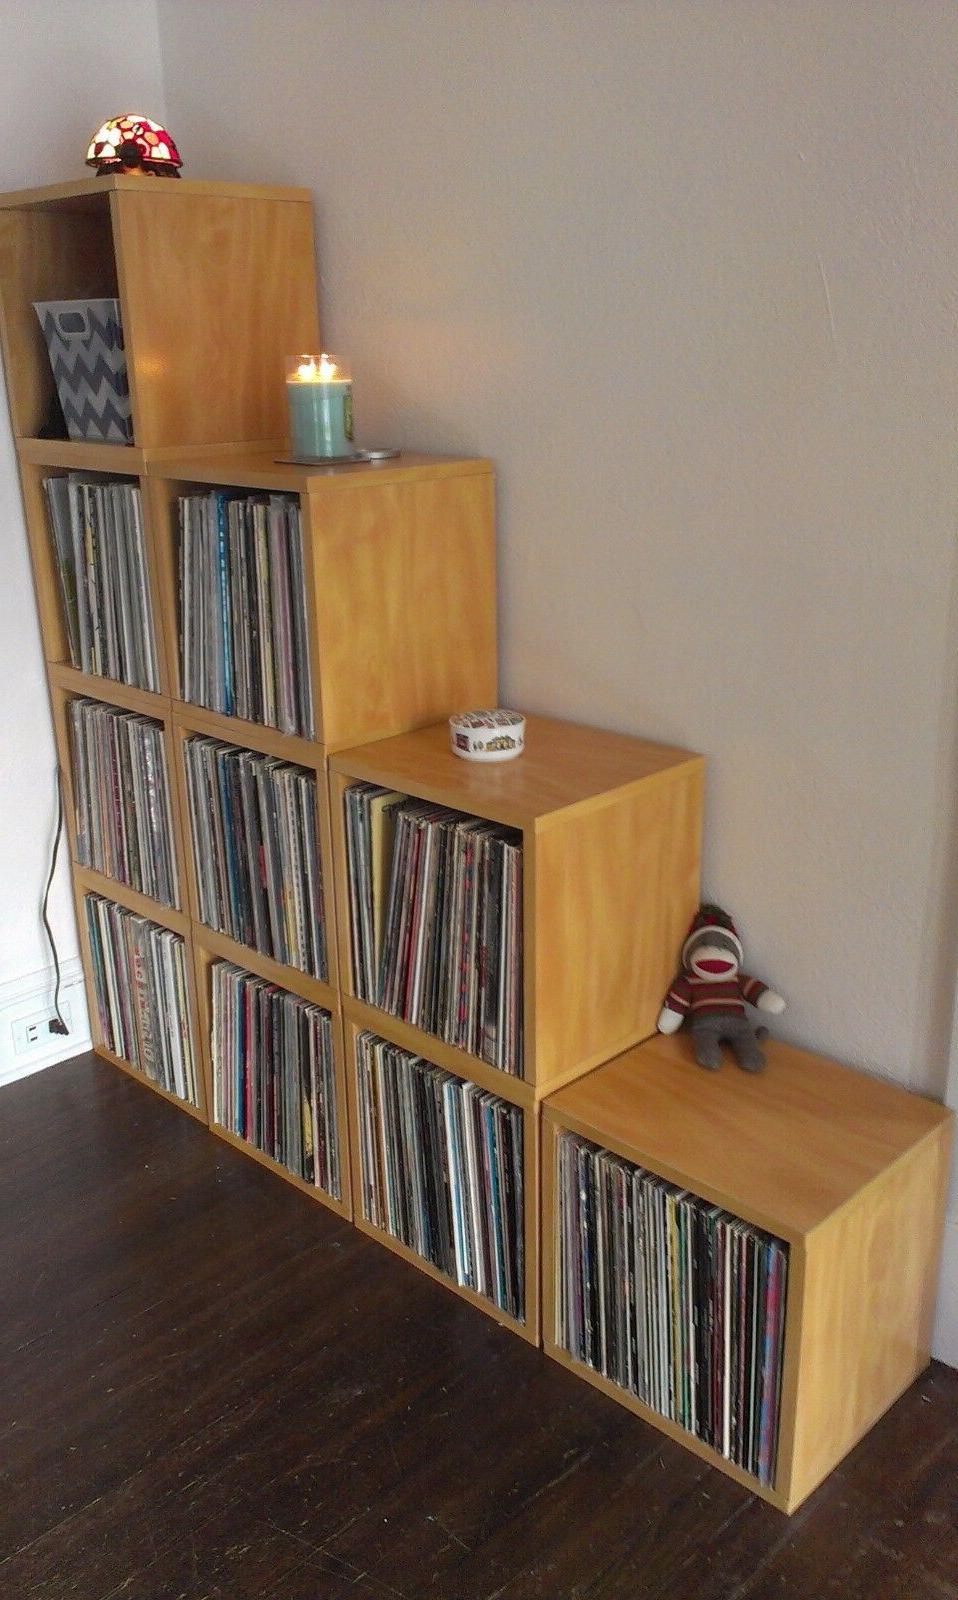 Vinyl Album Album Storage Cube Bookcase FREE